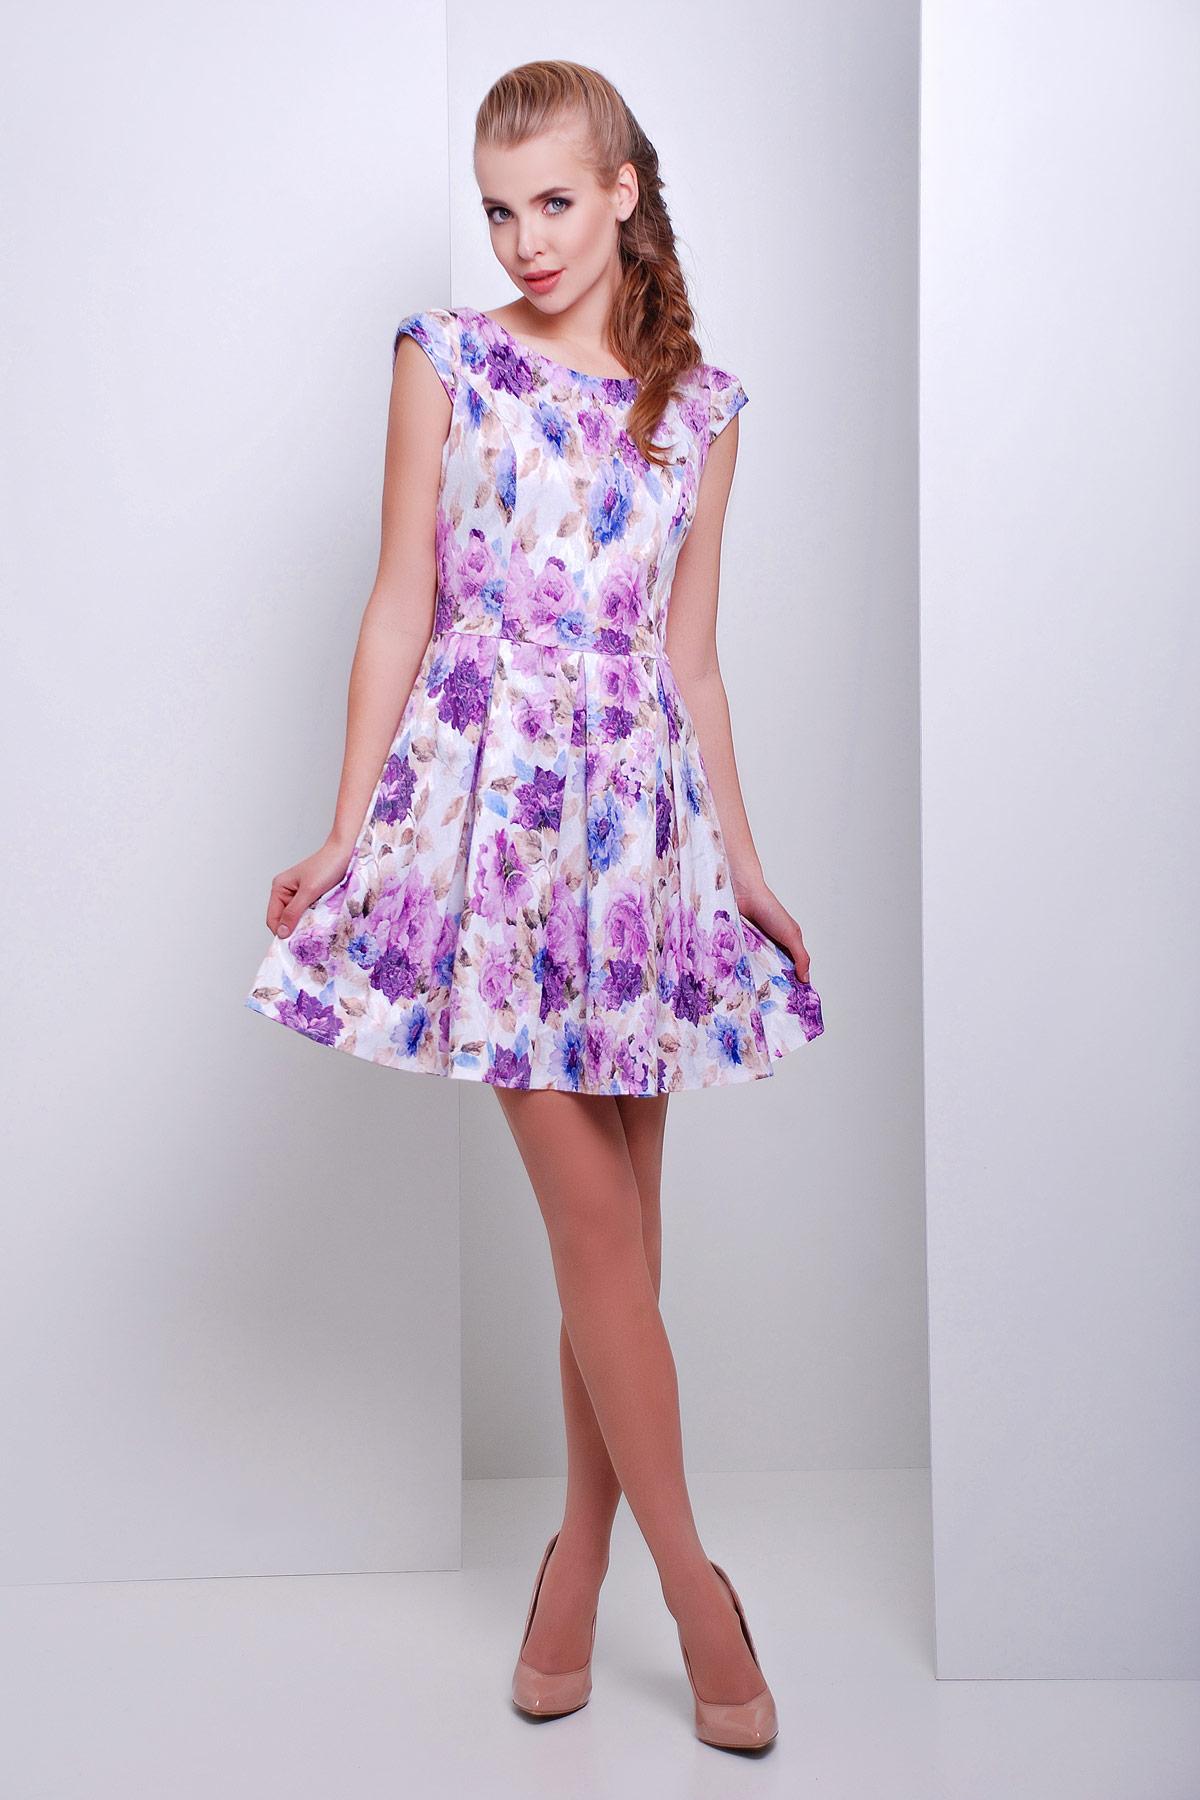 платье Анабель б/р. Цвет: белый-фиолет.цветы